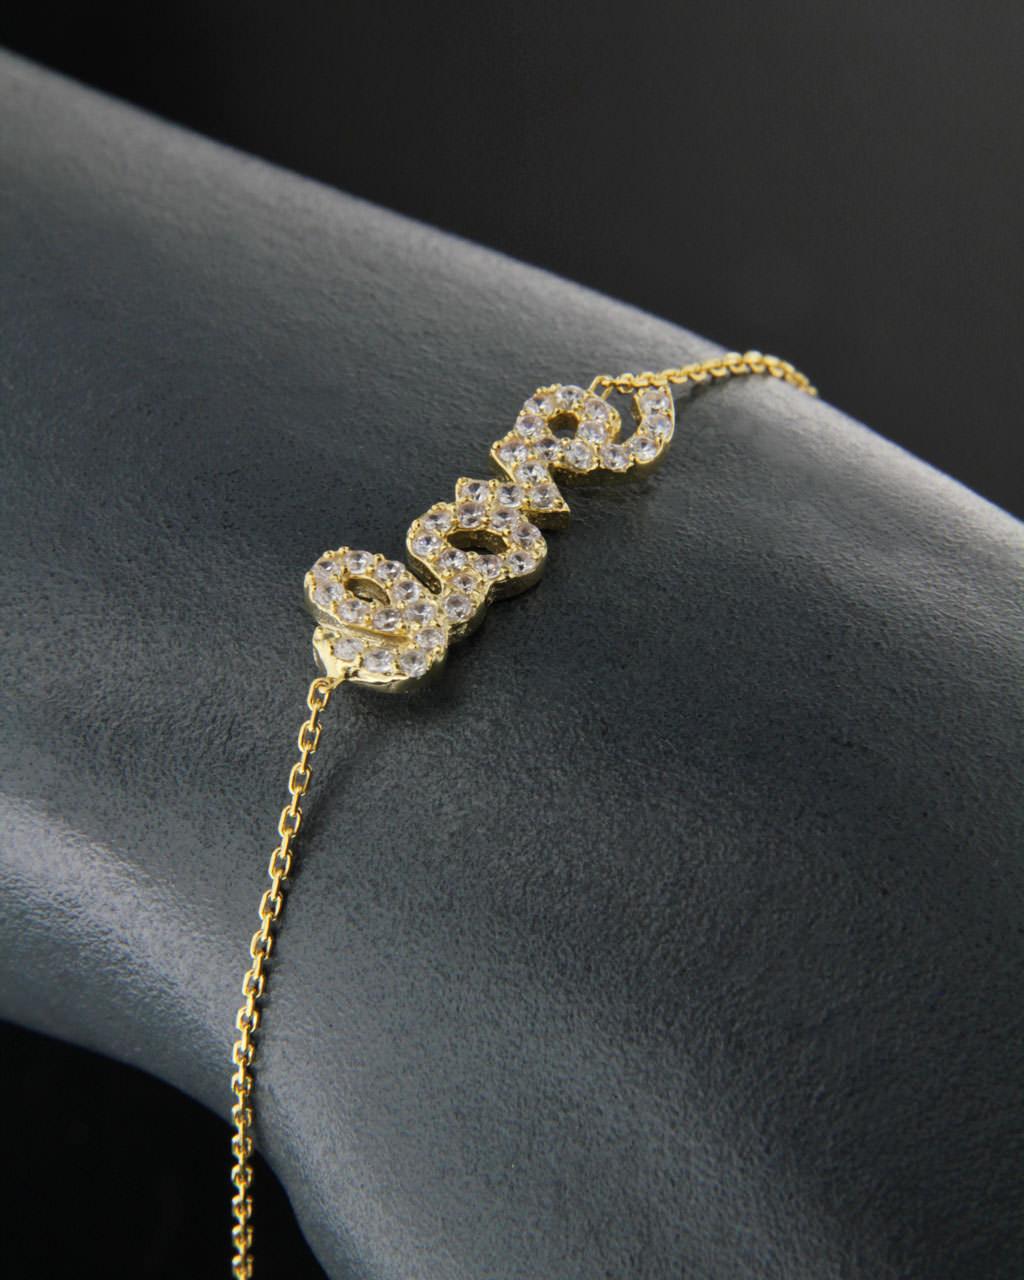 Επίχρυσο ασημένιο βραχιόλι 925 με Ζιργκόν   γυναικα βραχιόλια βραχιόλια fashion